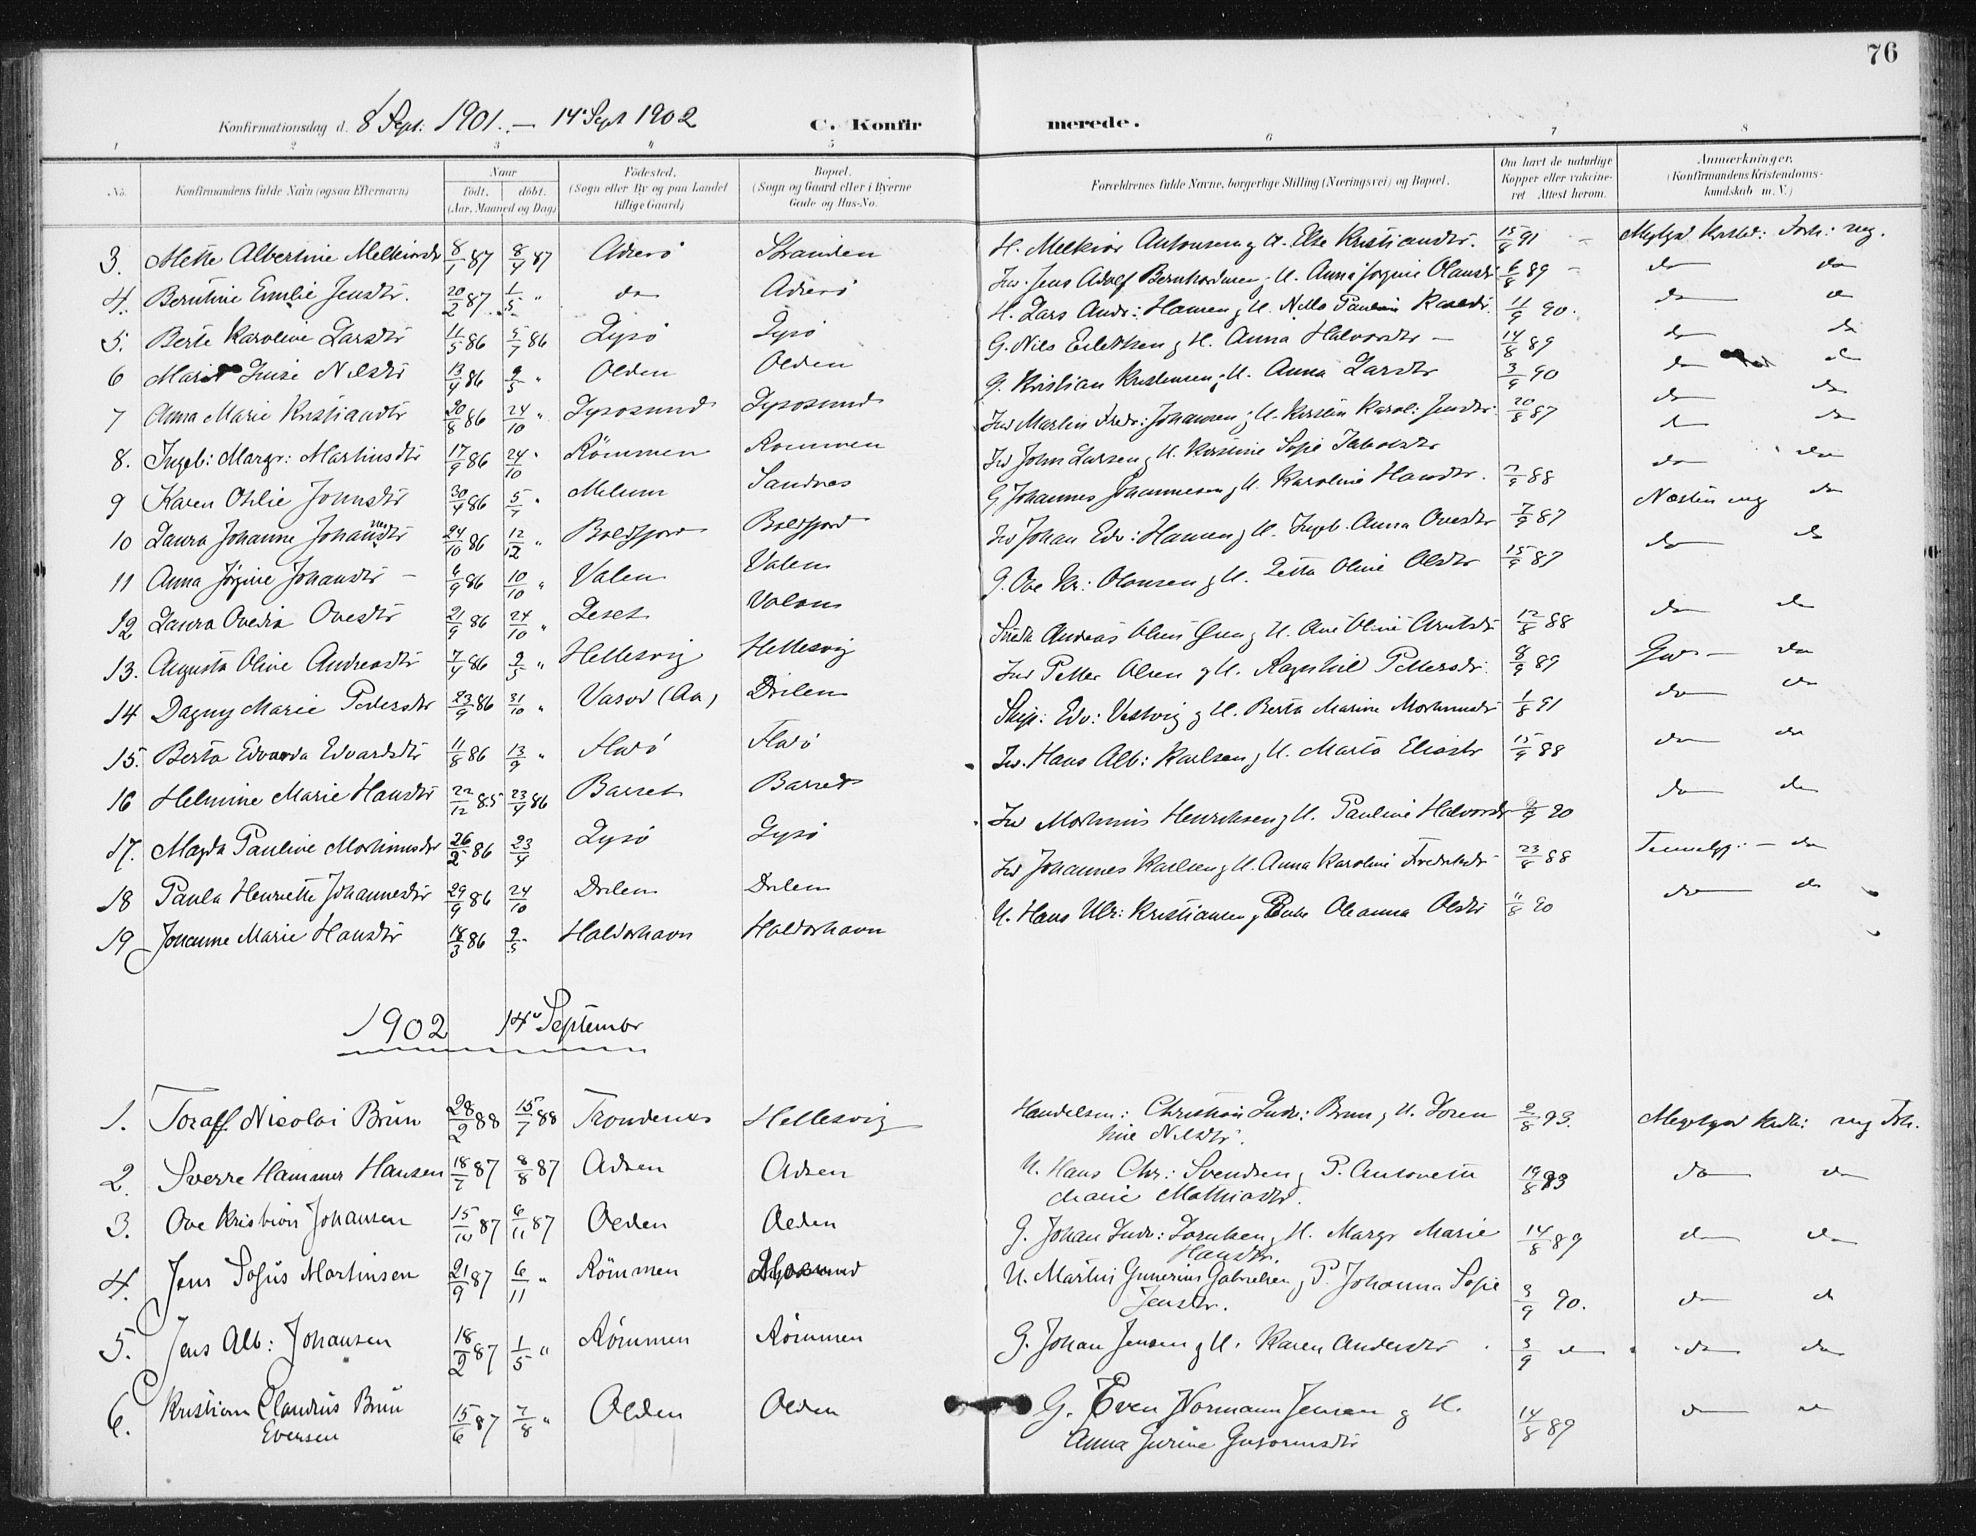 SAT, Ministerialprotokoller, klokkerbøker og fødselsregistre - Sør-Trøndelag, 654/L0664: Ministerialbok nr. 654A02, 1895-1907, s. 76